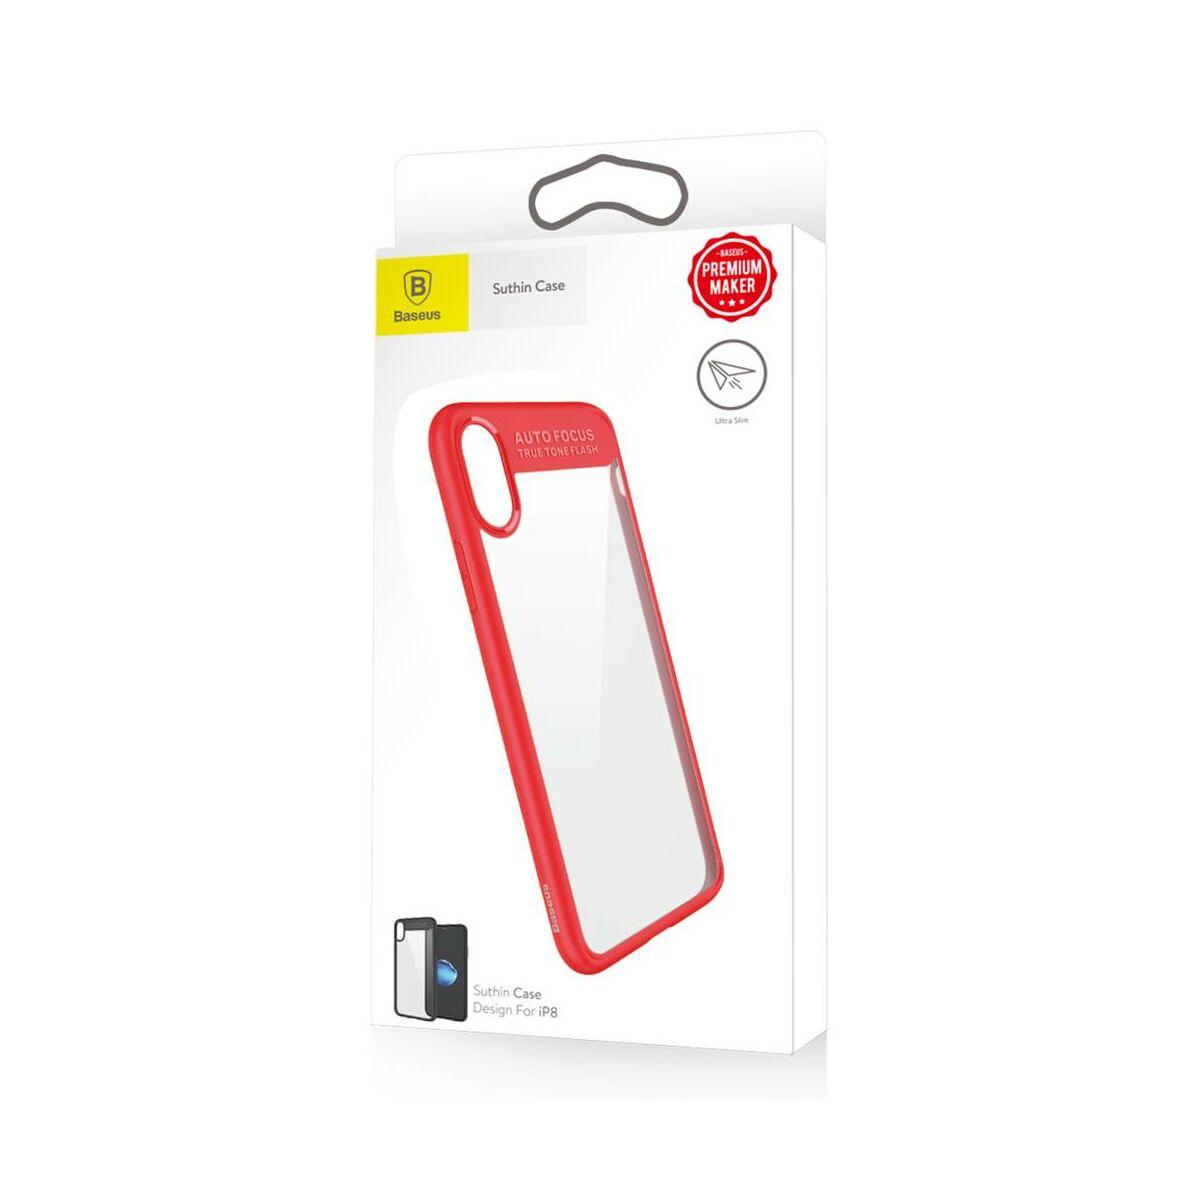 Baseus iPhone X/XS tok, Suthin, Thin, piros (ARAPIPHX-SB09)